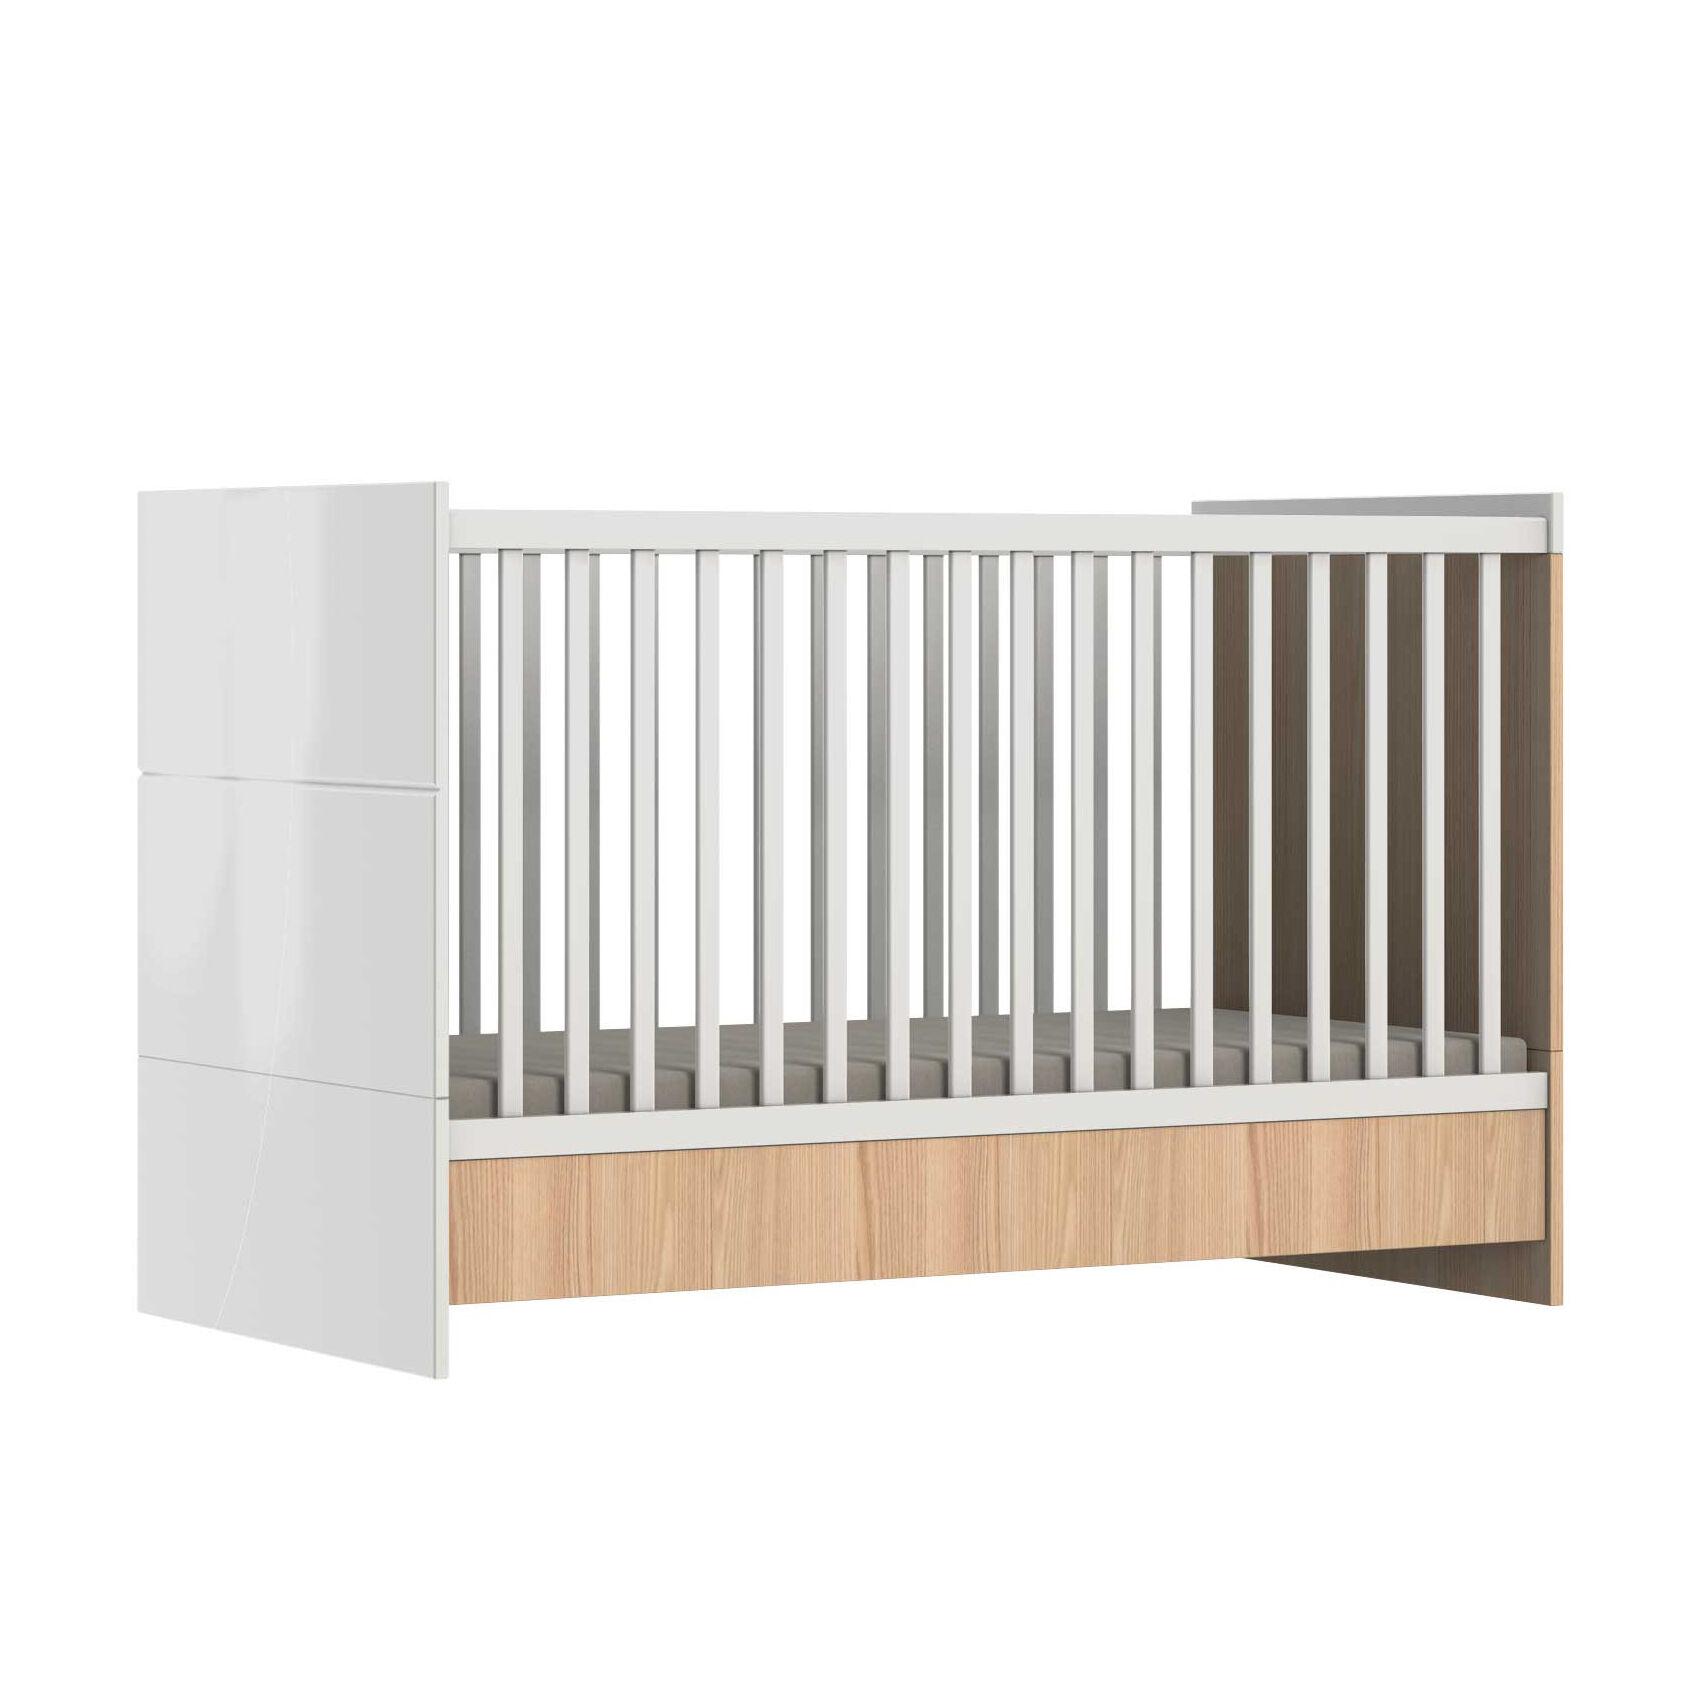 Home Maison Lit évolutif bébé Java en bois Blanc 144x76x93